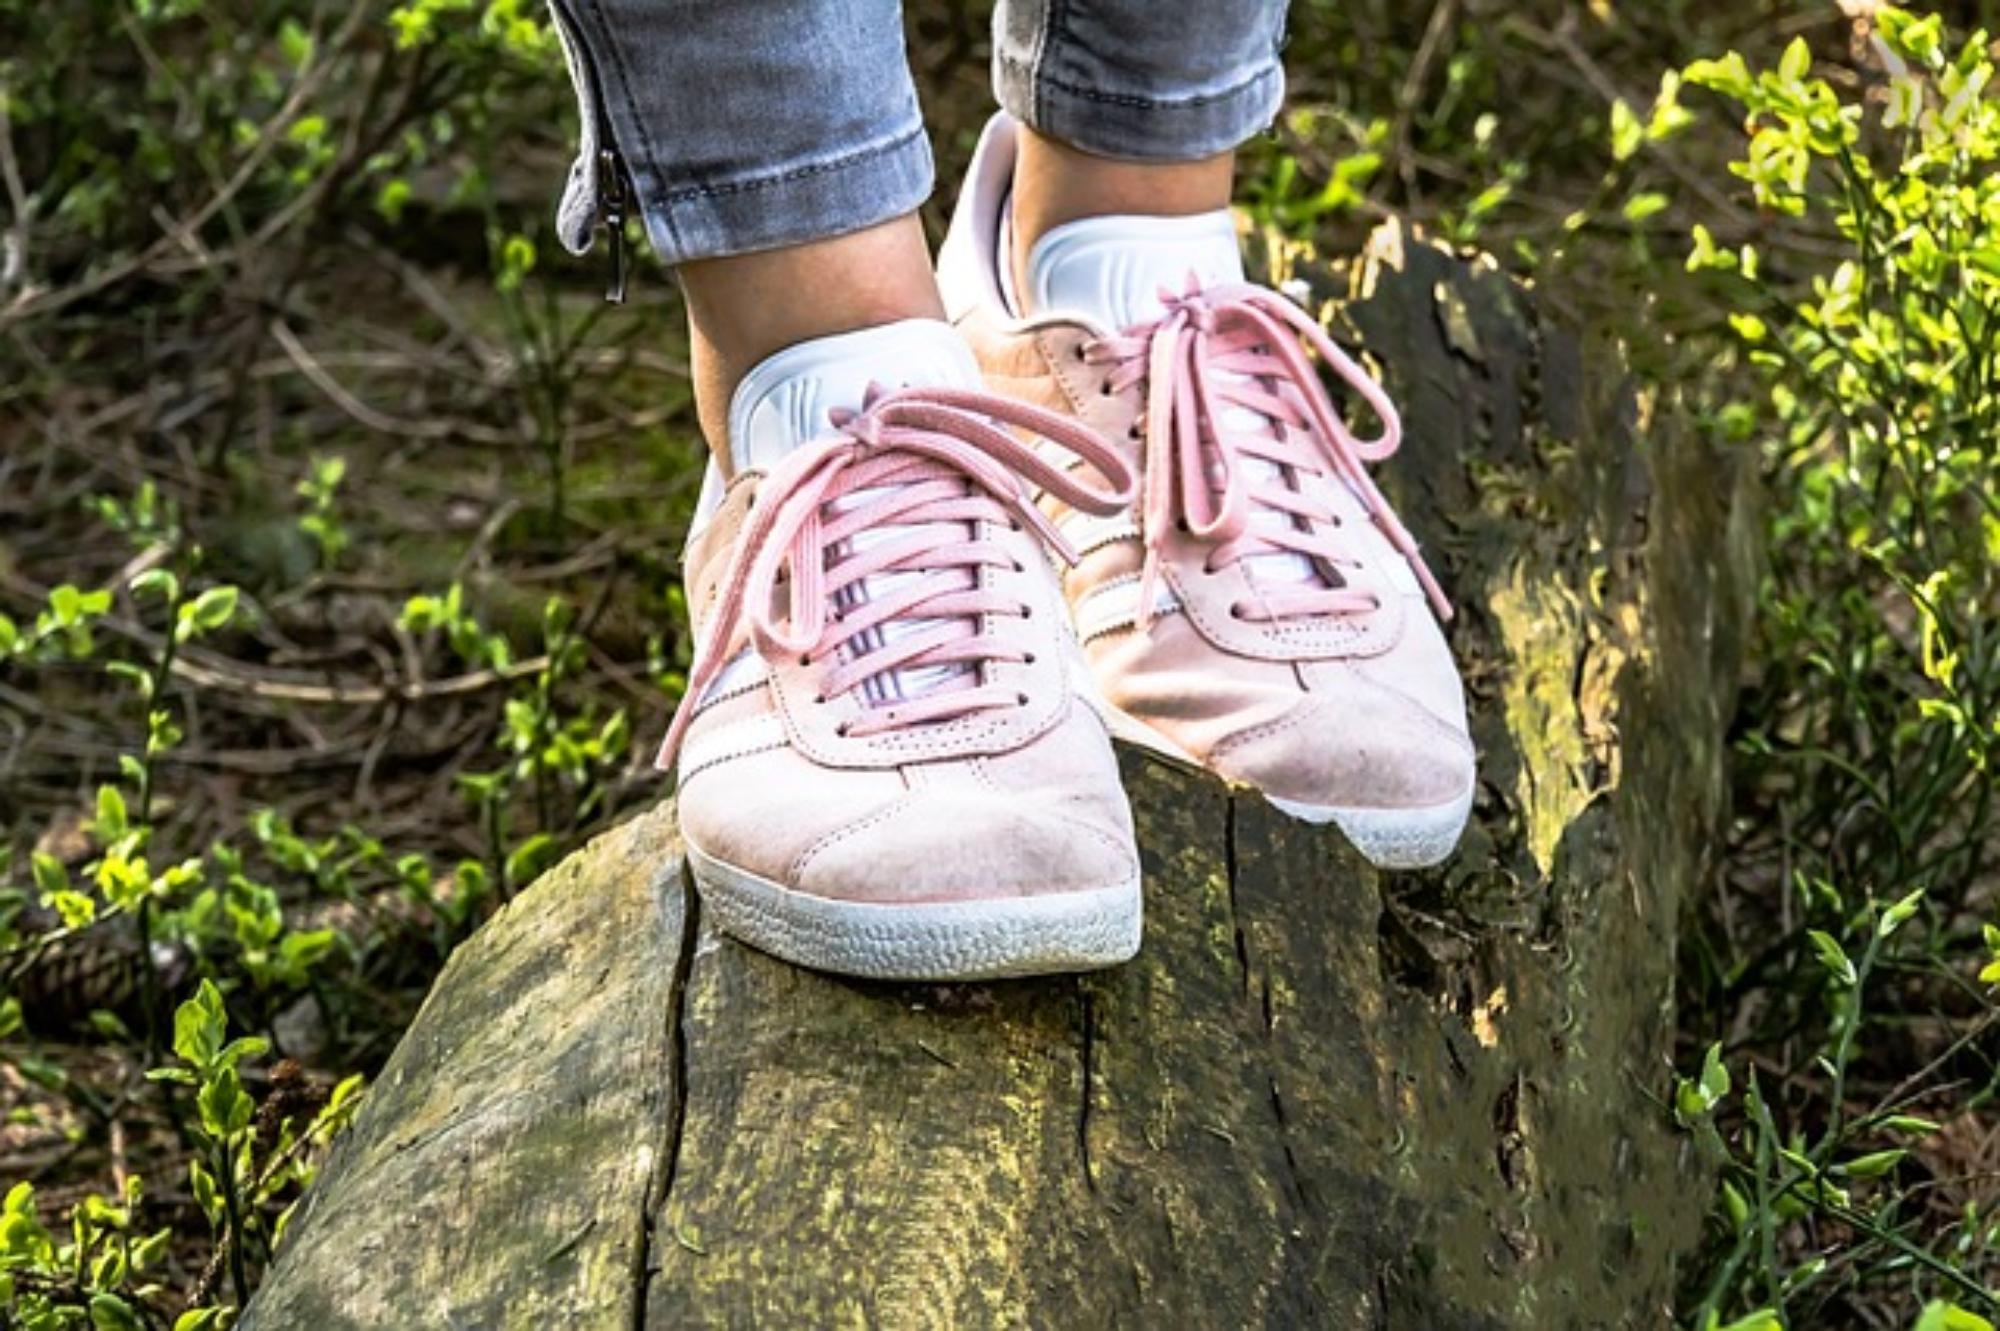 Jak rozciągnąć nowe buty?